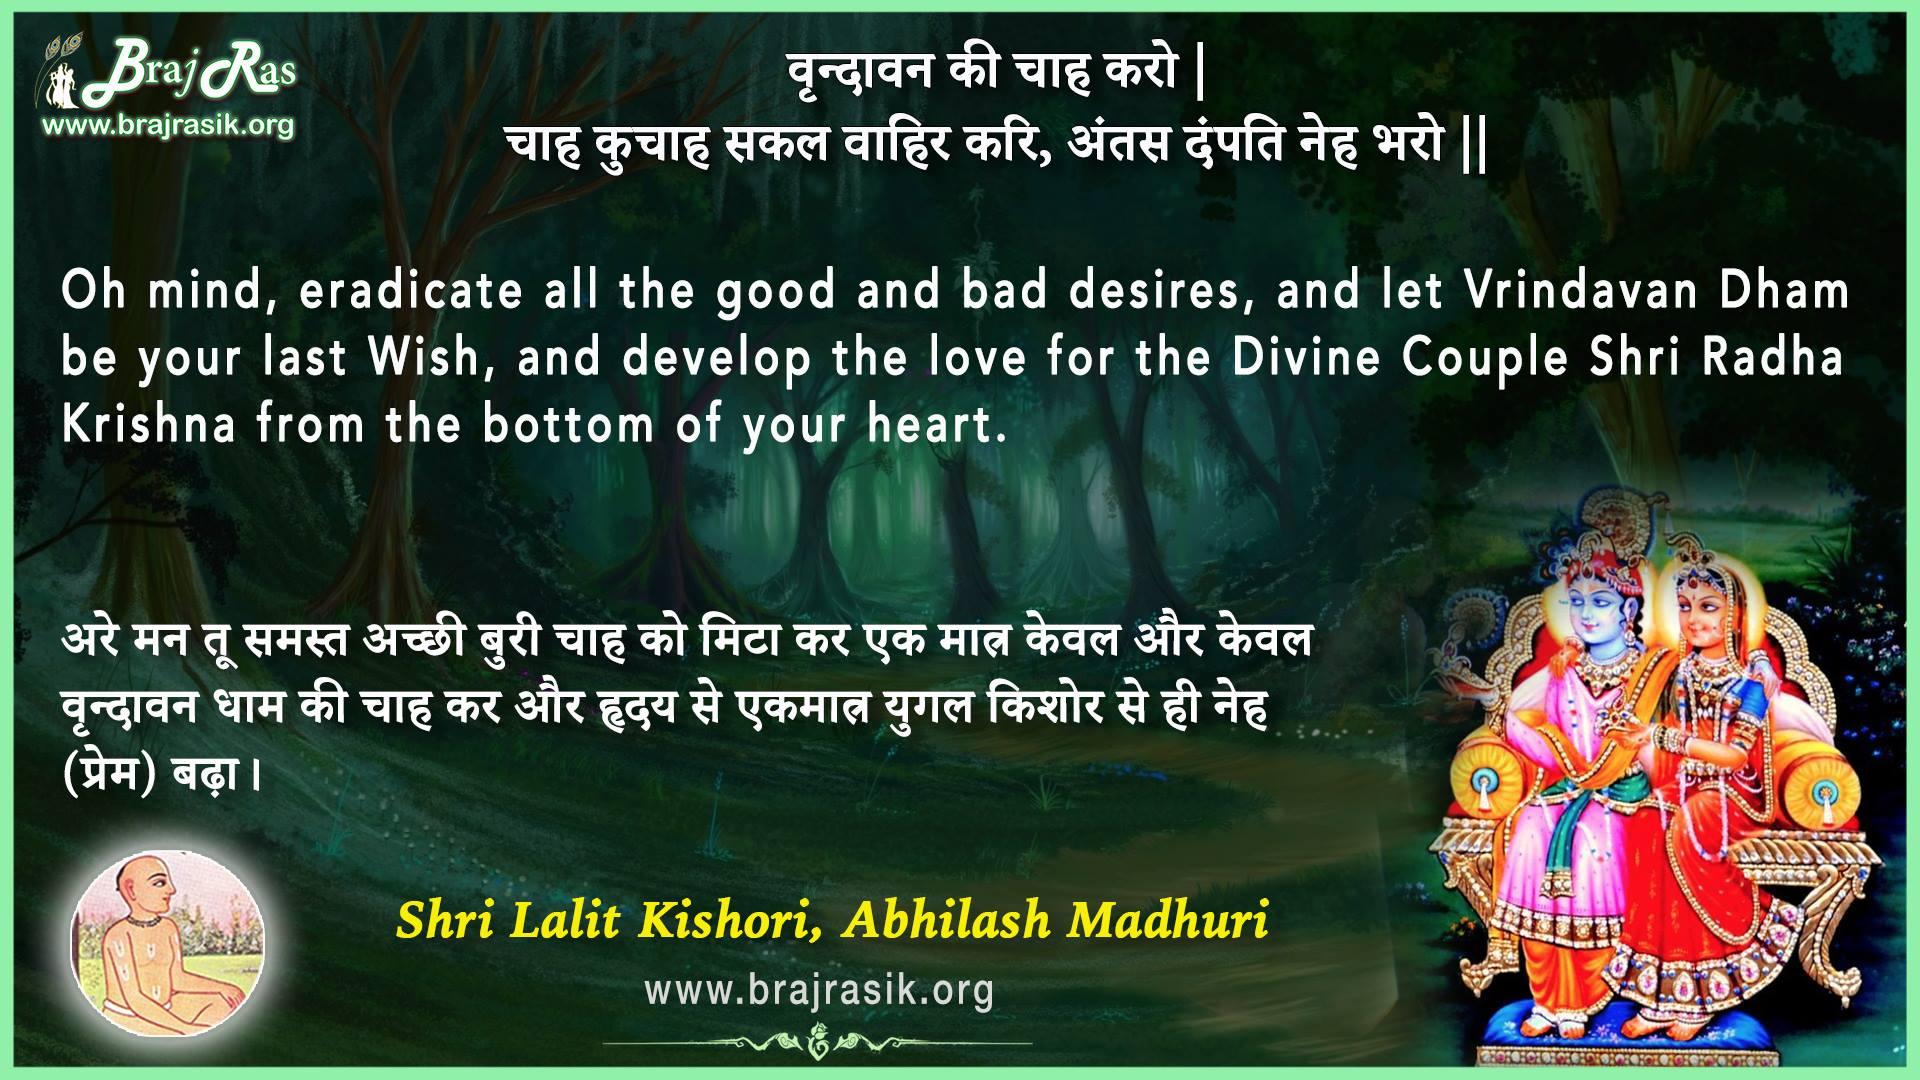 Vrindavan Ki Chah Karo - Shri Lalit Kishori, Abhilash Madhuri